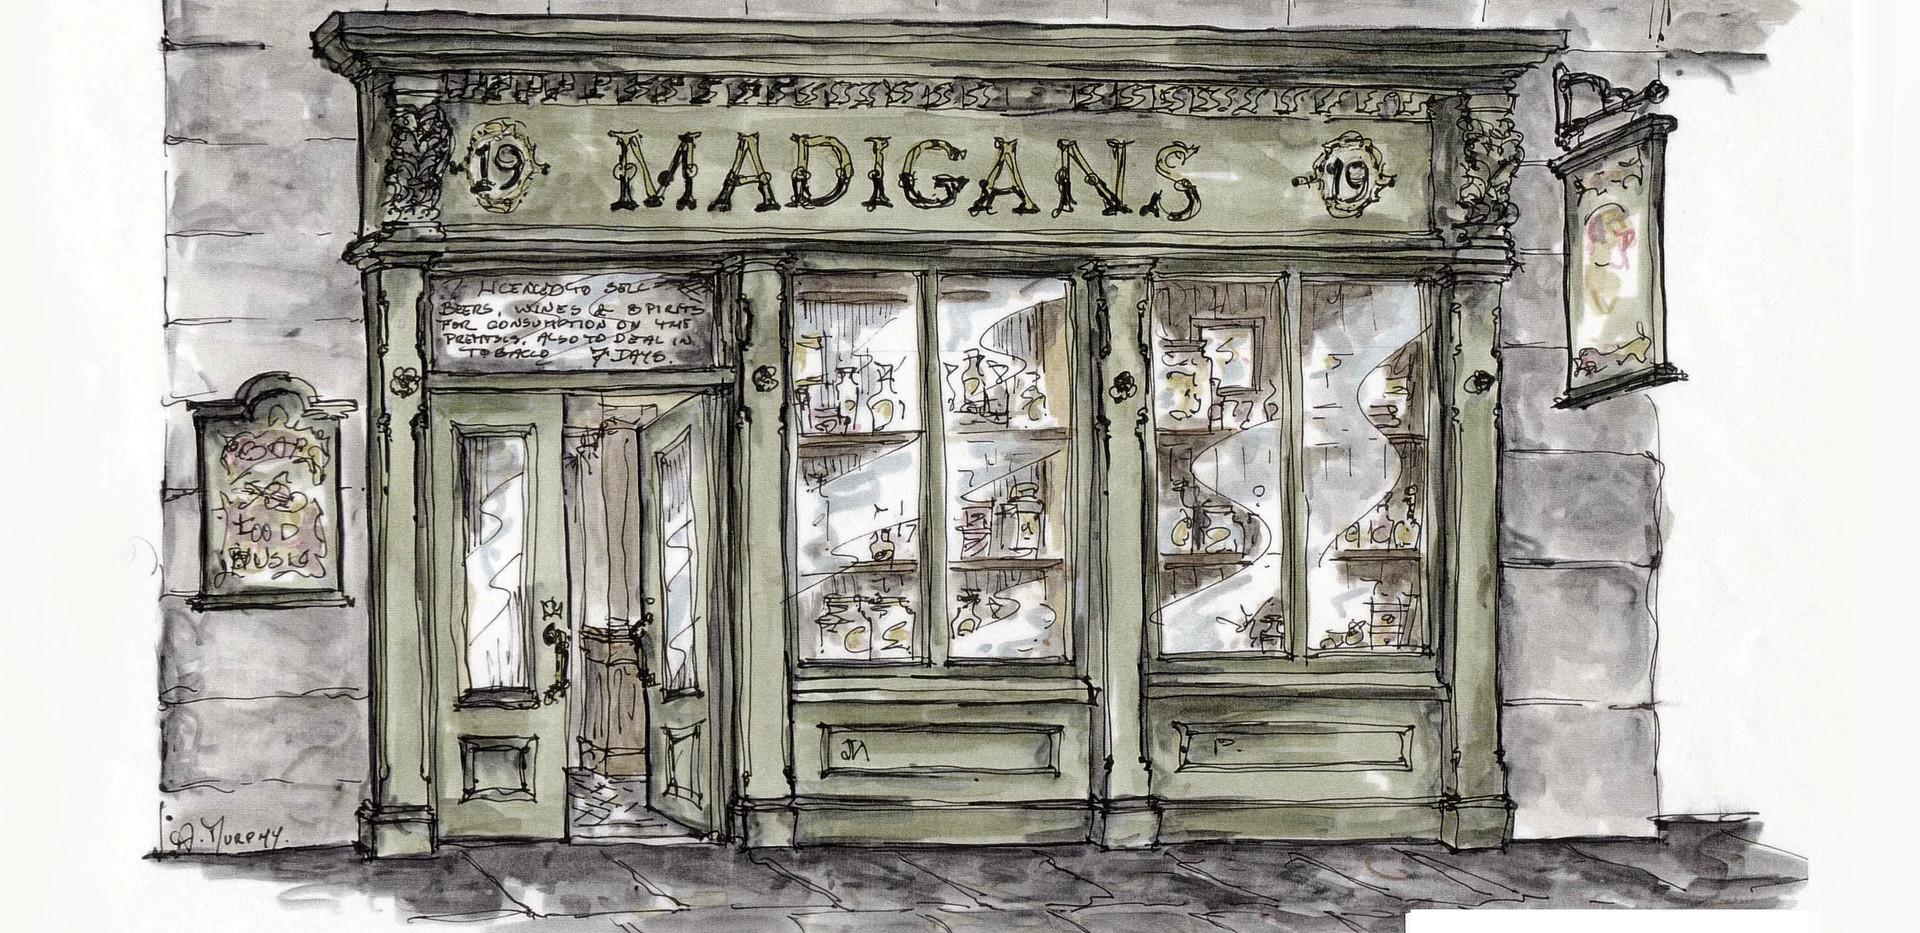 Madigan's Pub, 19 O'Connell Street Dublin, beside The Gresham Hotel, AM Design, Traditional Irish Pub Design & Fit-Out www.amdesign.ie @amdesignireland